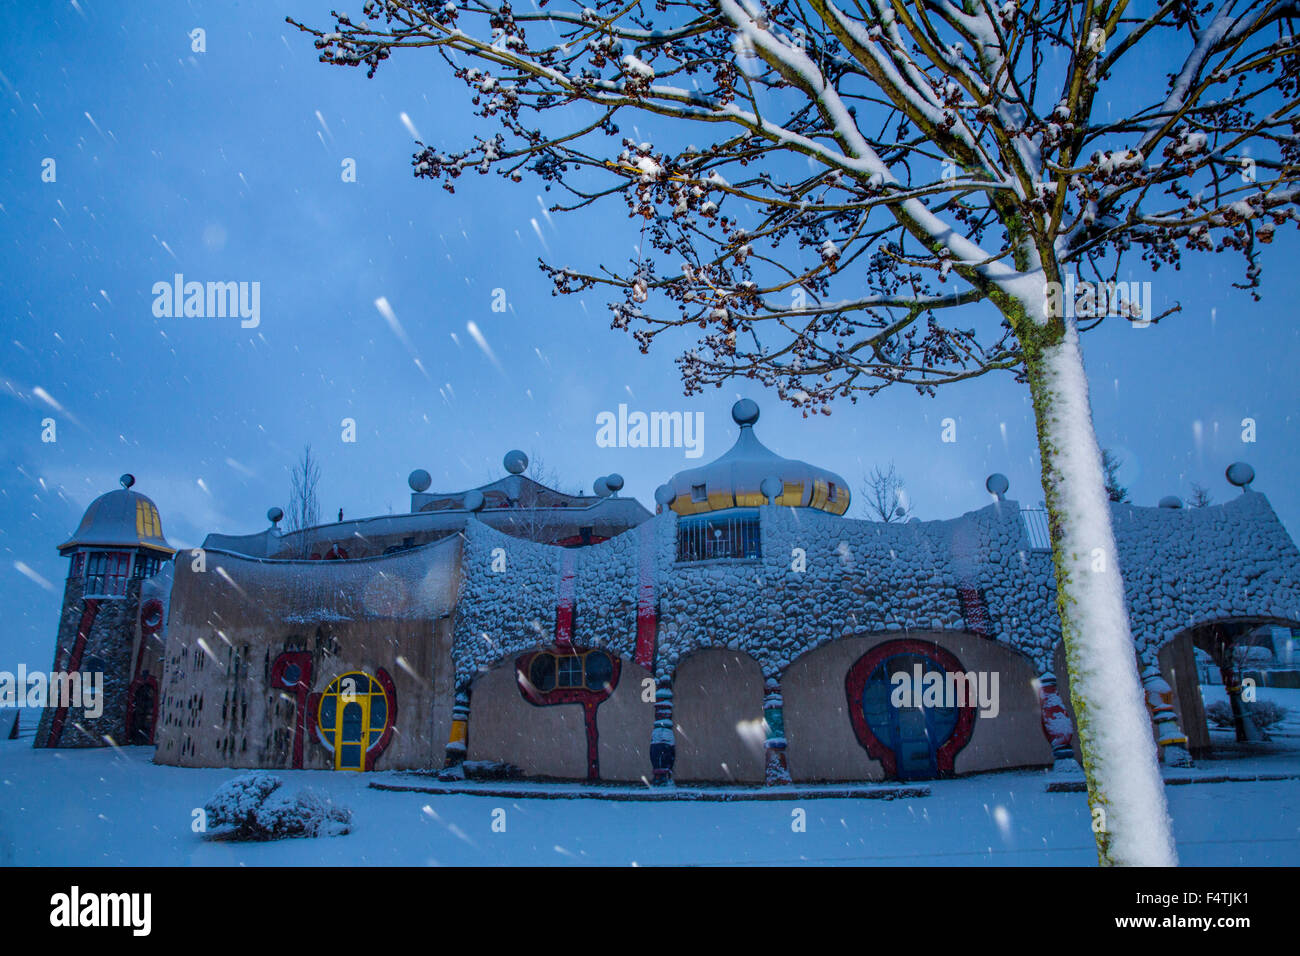 Hundertwasser Markthalle in Altenrhein, Stockbild